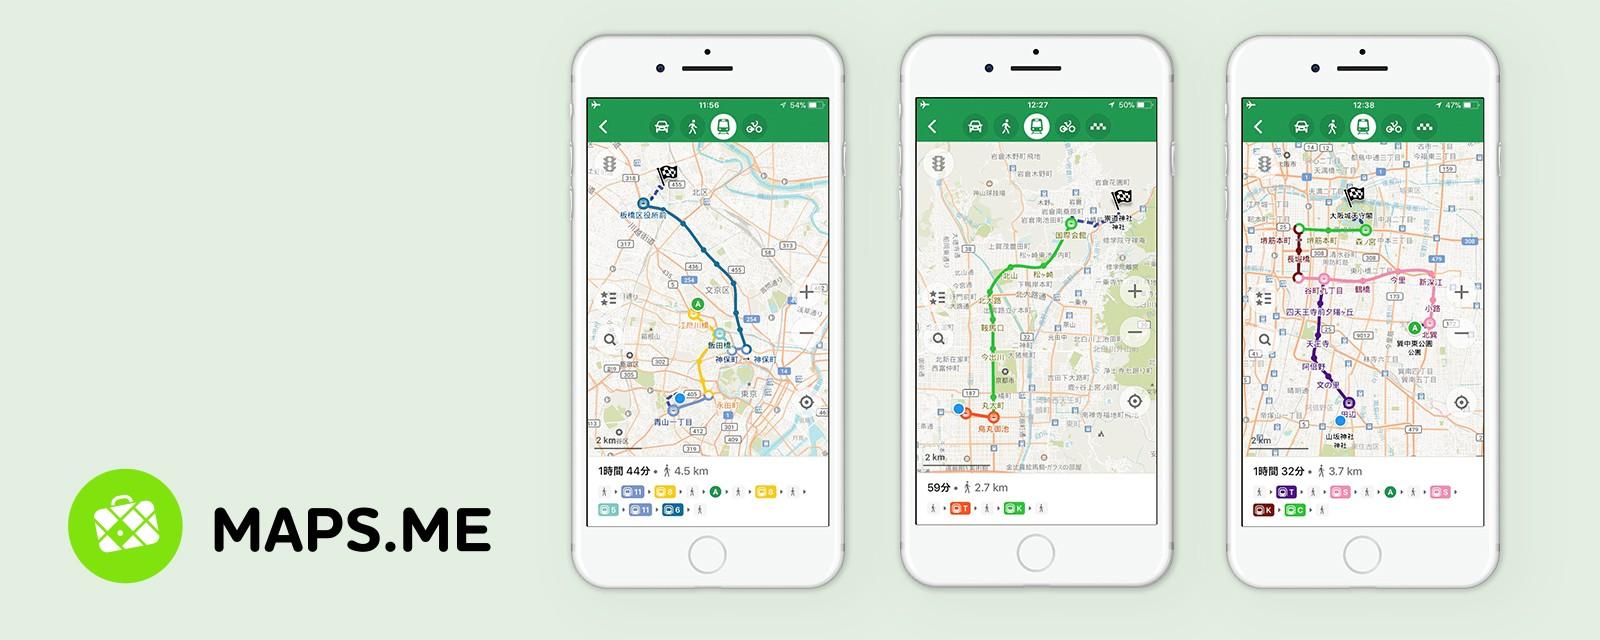 Maps.me señala las principales rutas de transporte público en ciudades así como ciclovías y biciestacionamientos